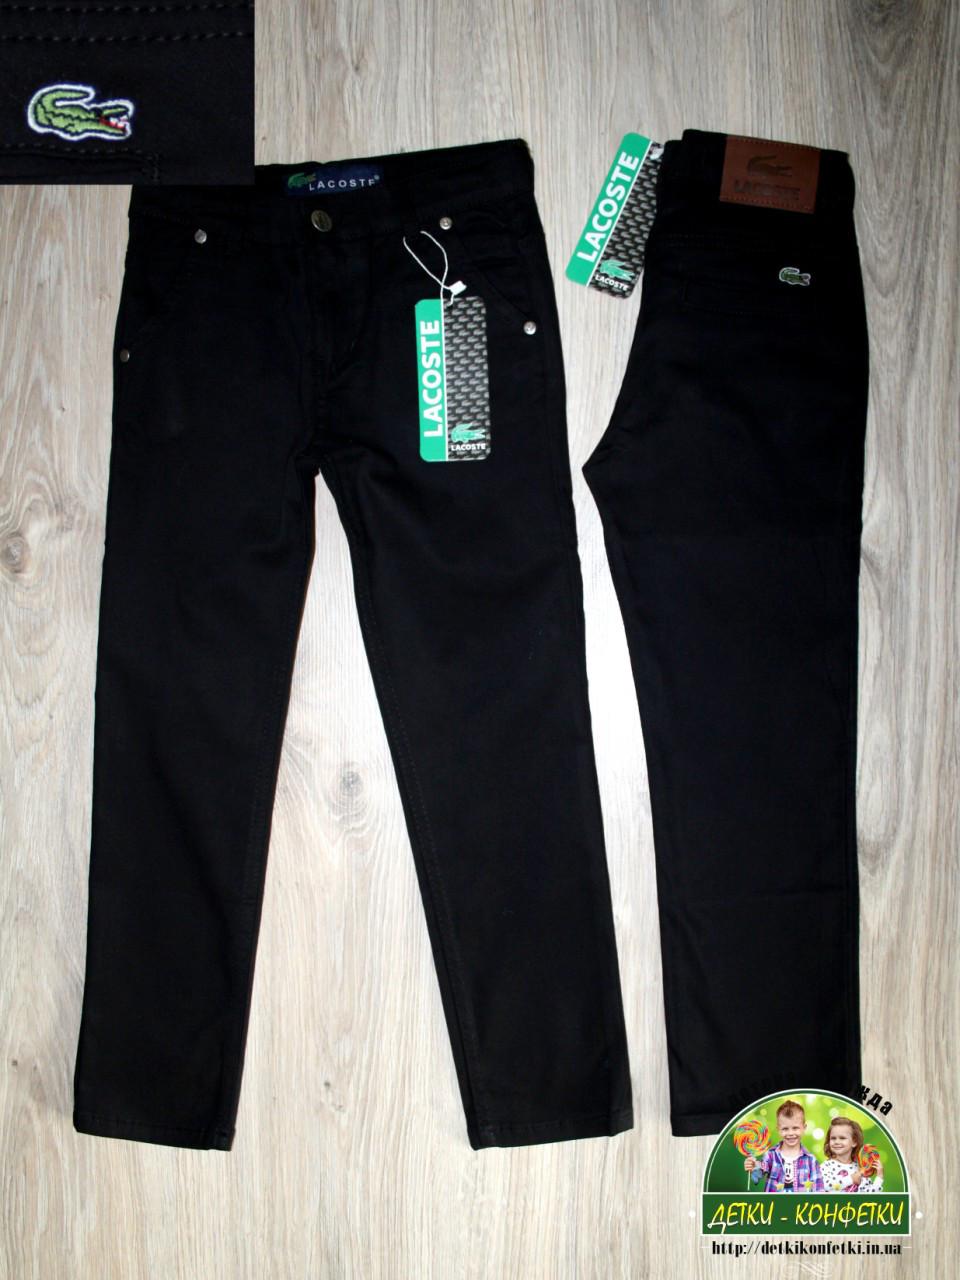 Черные брюки Lacoste для мальчика 3-5 лет